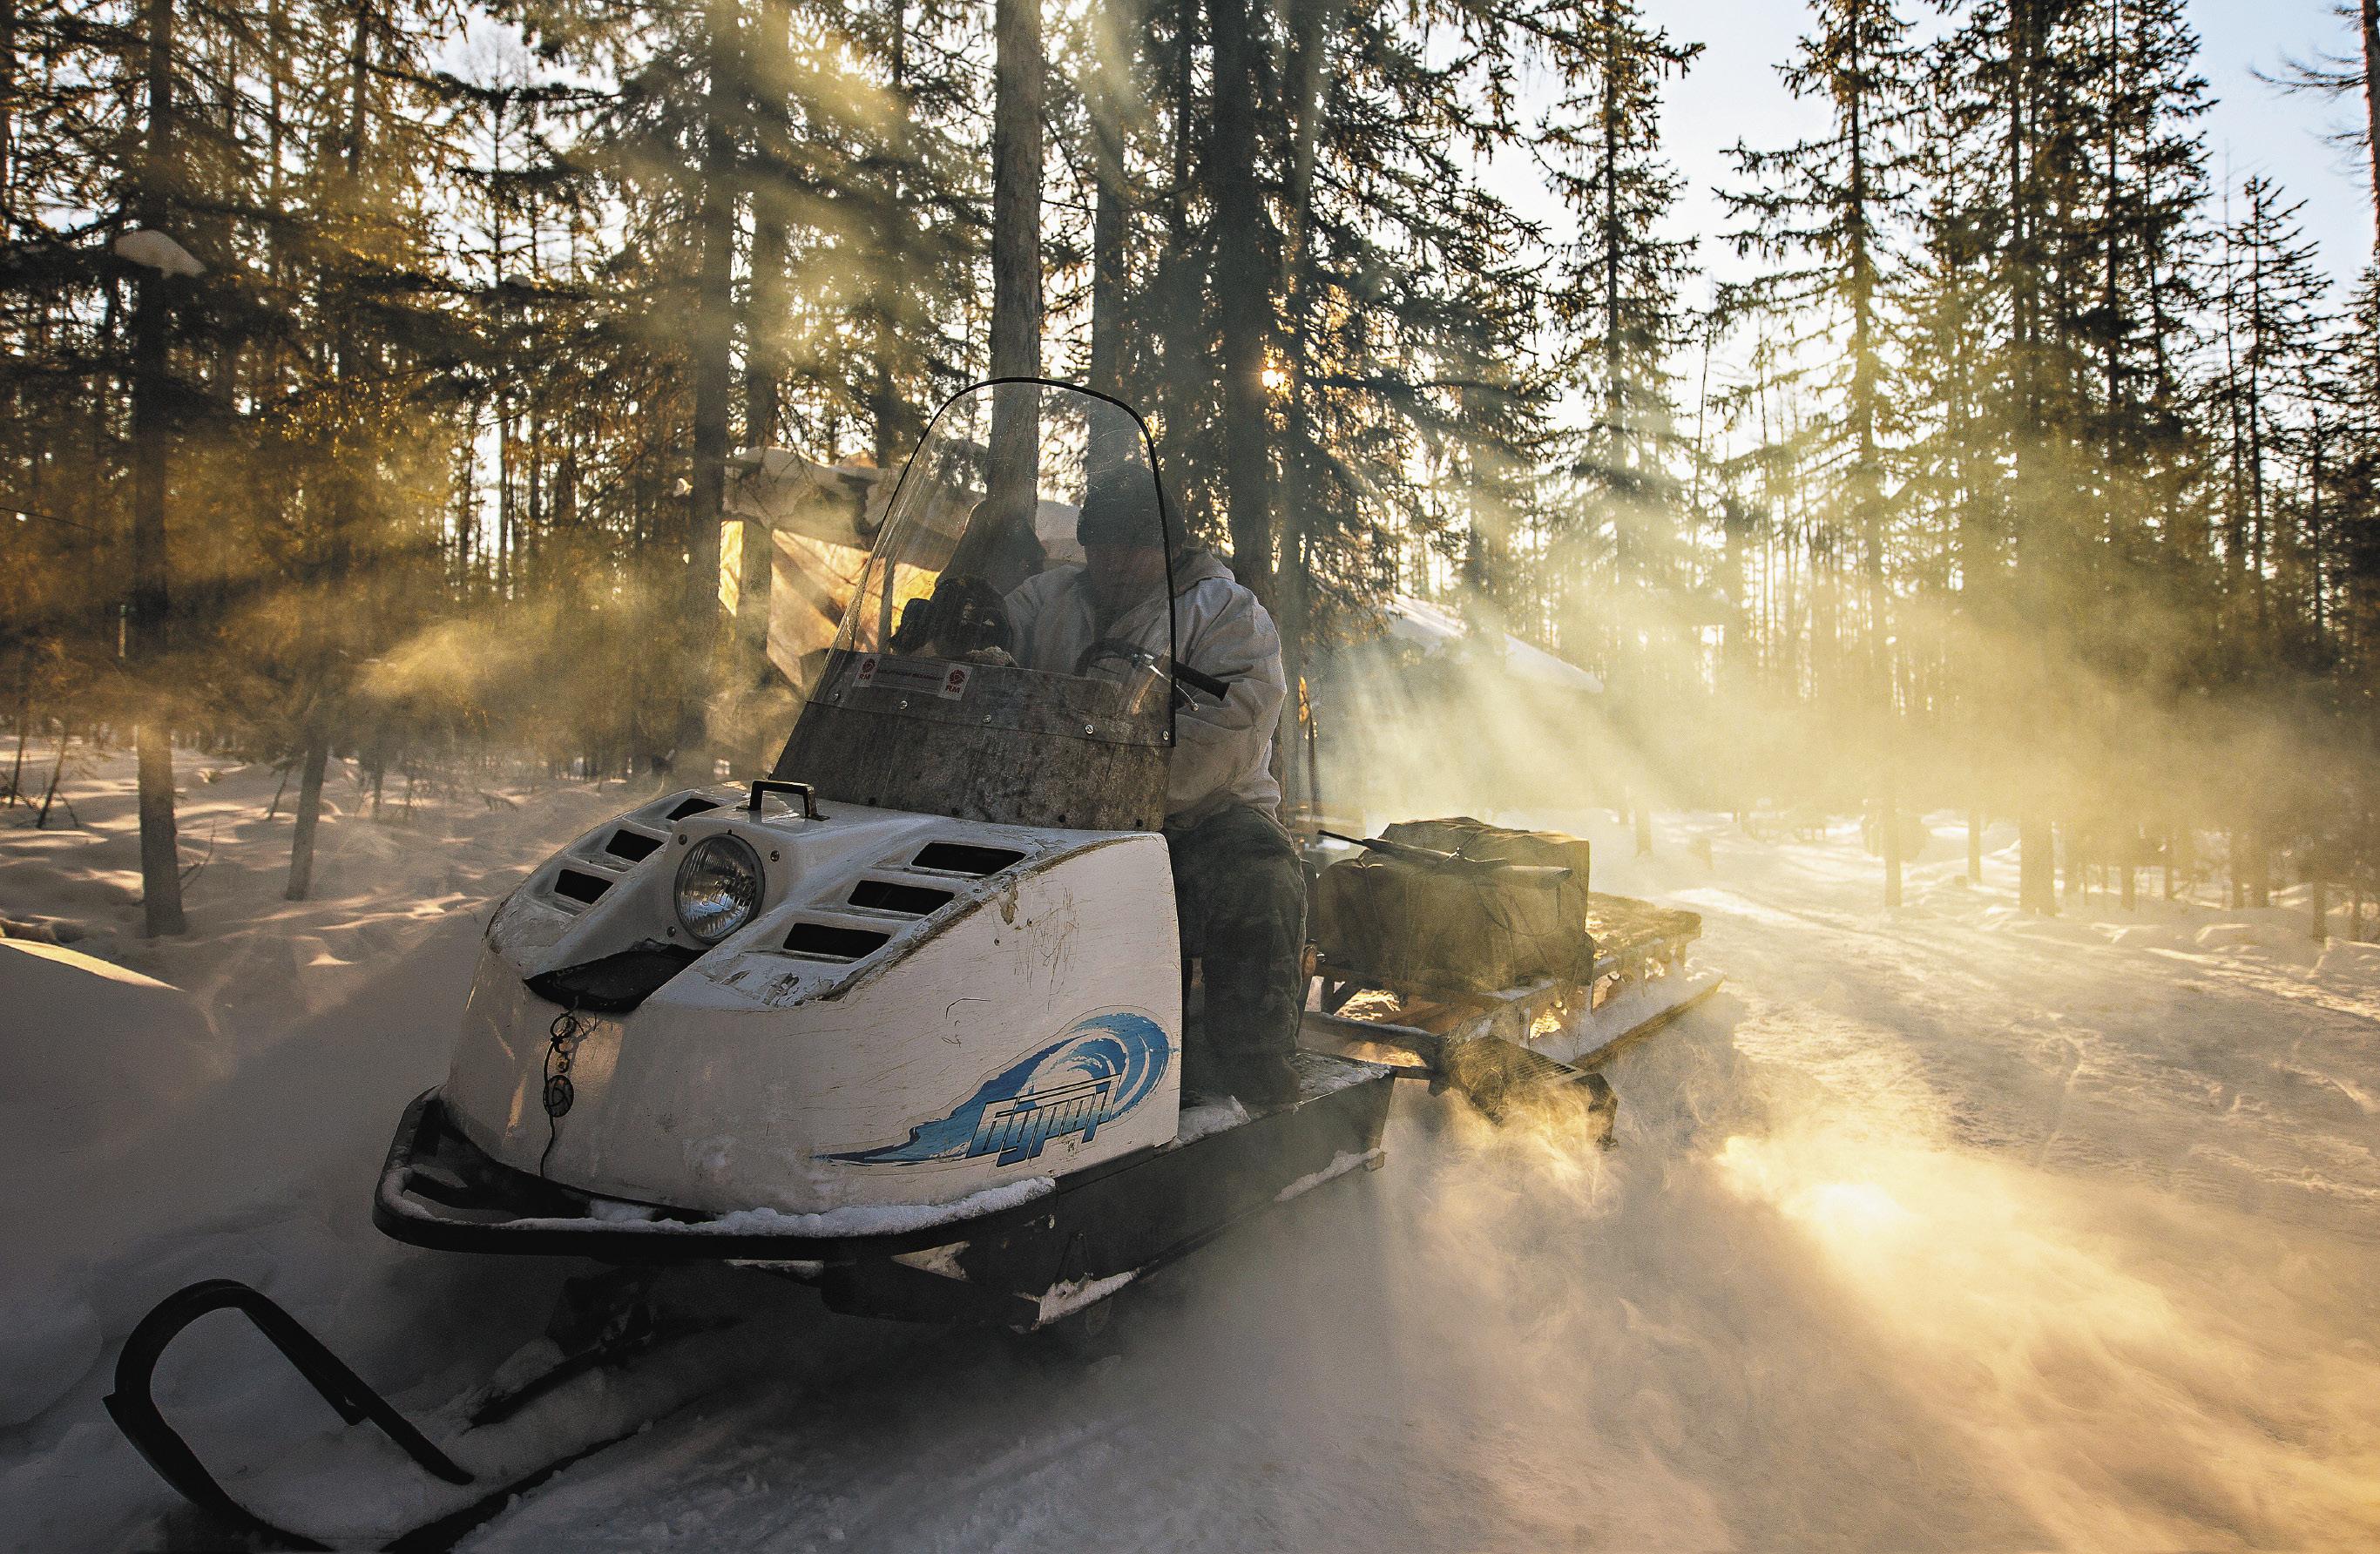 Российский снегоход «Буран» прекрасно везет охотника по снежной целине к месту засады на волков. Несмотря на ясный день и солнце, столбик термометра не поднимается выше минус сорока градусов. Если выжимать из своего ревущего «зверя» больше тридцати километров в час, можно легко обморозить незащищенную кожу лица. Кроме того, можно налететь на занесенный снегом пень или тяжелую корягу. Поэтому охотник едет со скоростью не более 15–20 километров.